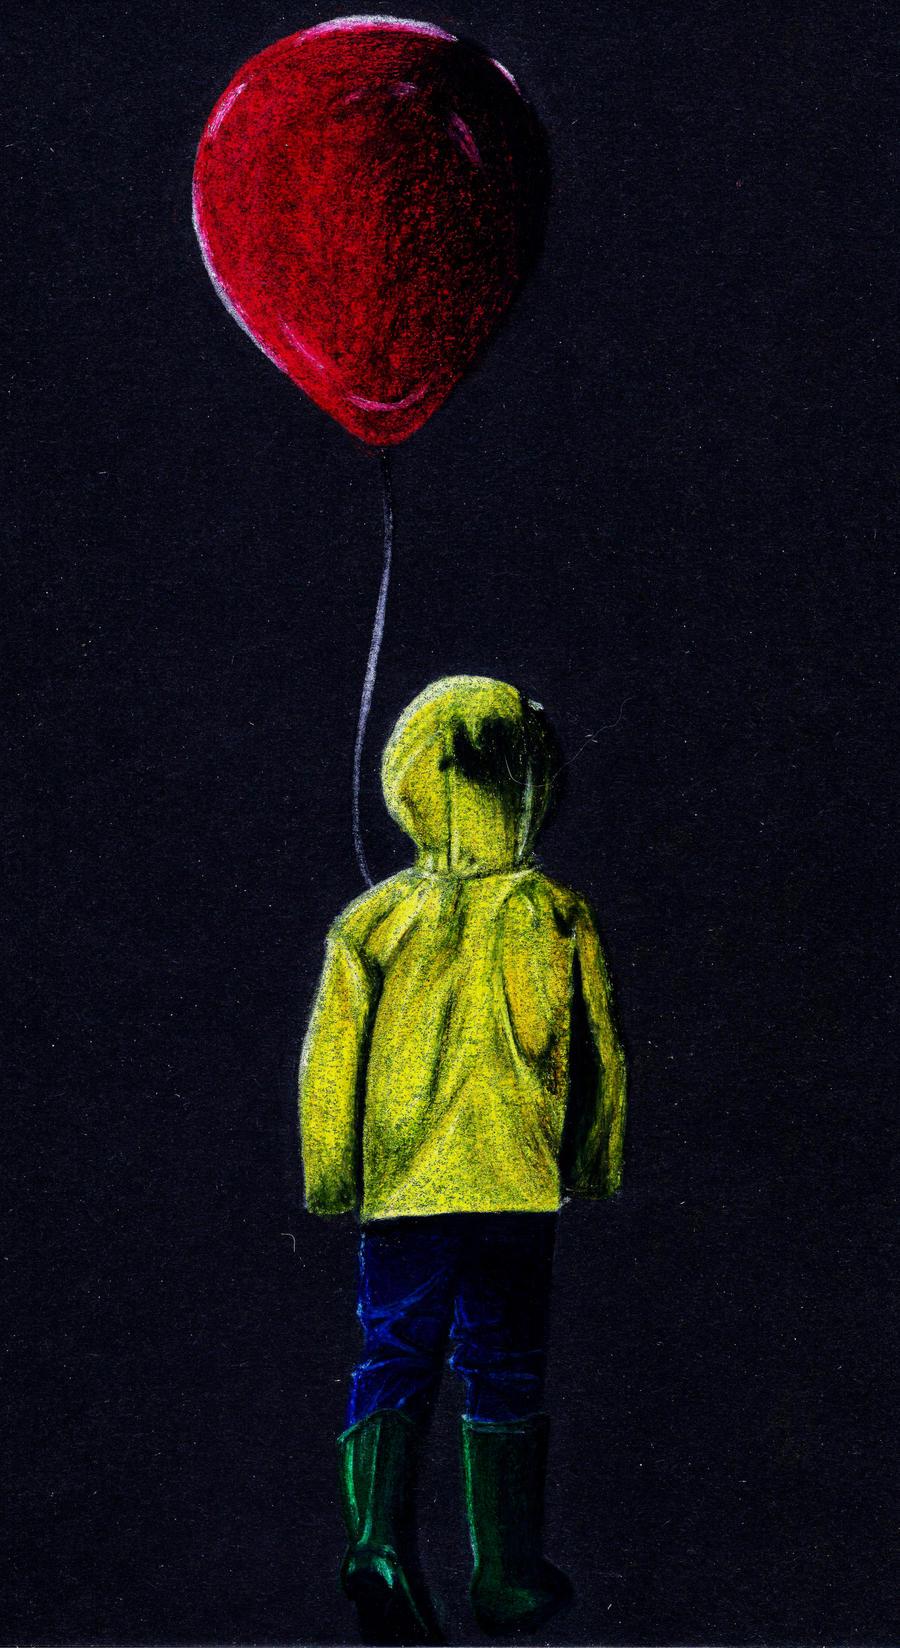 Let's float, Georgie